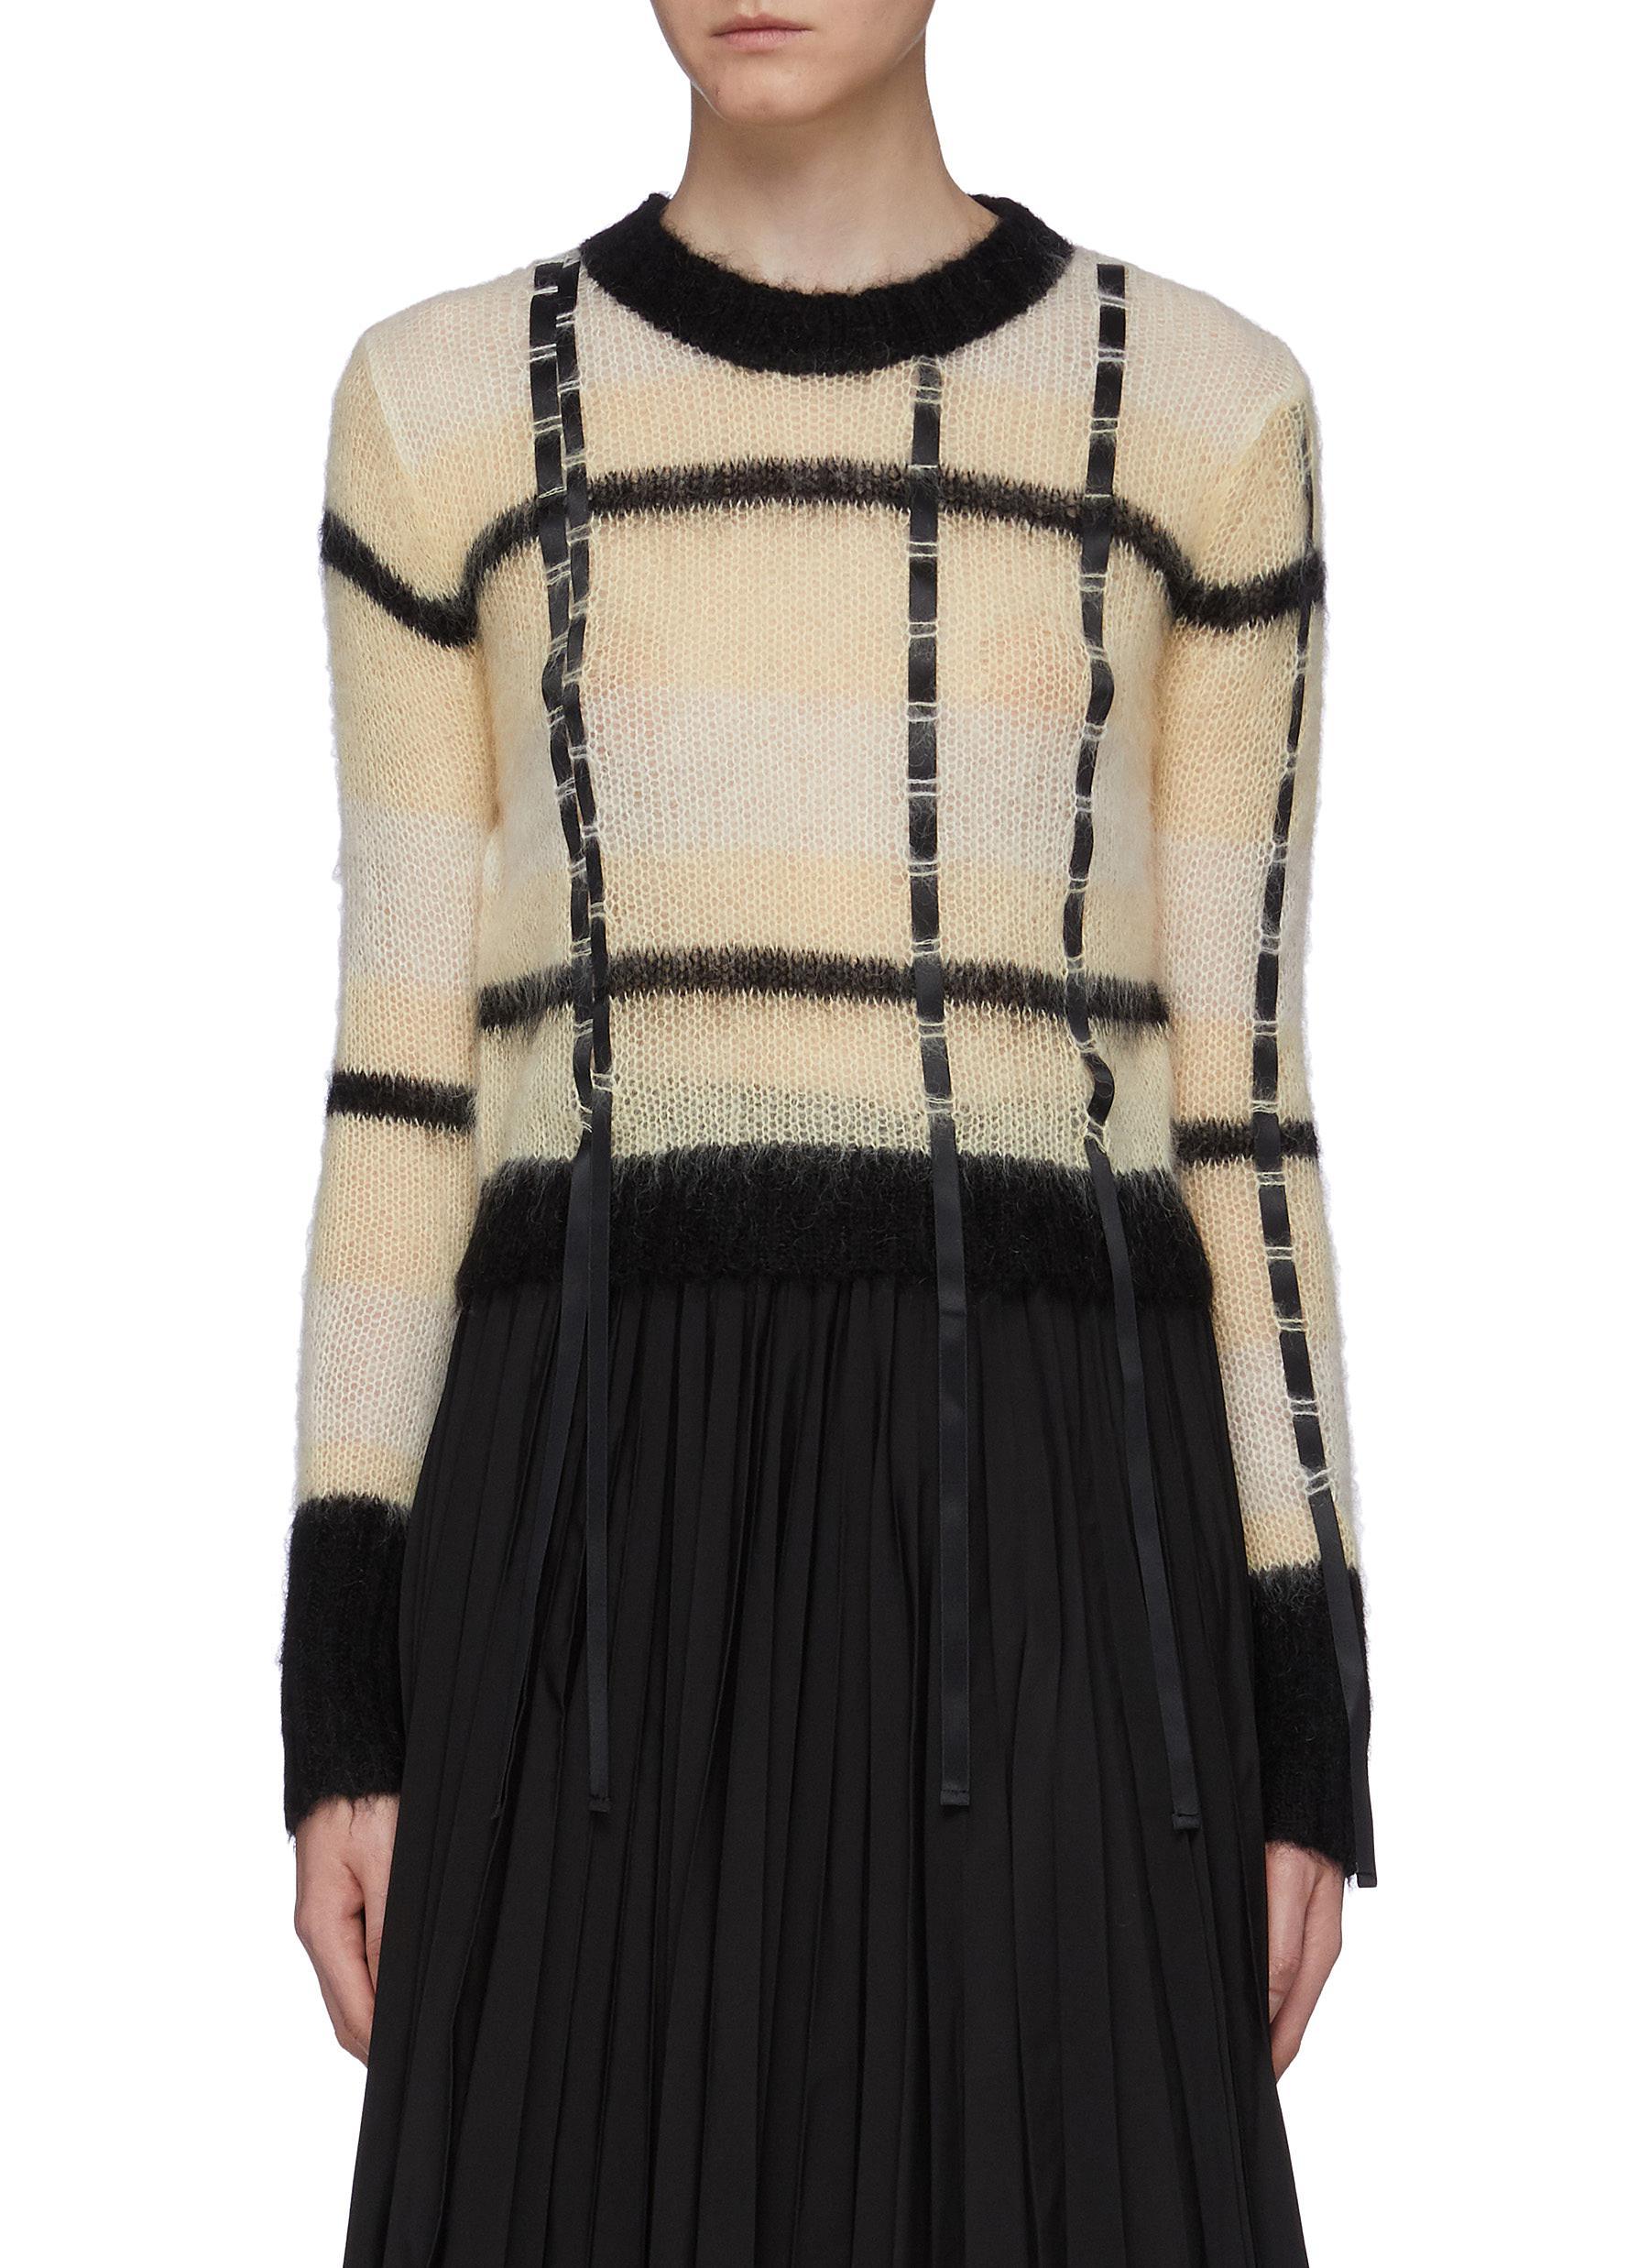 Ribbon trim colourblock check sweater by 3.1 Phillip Lim